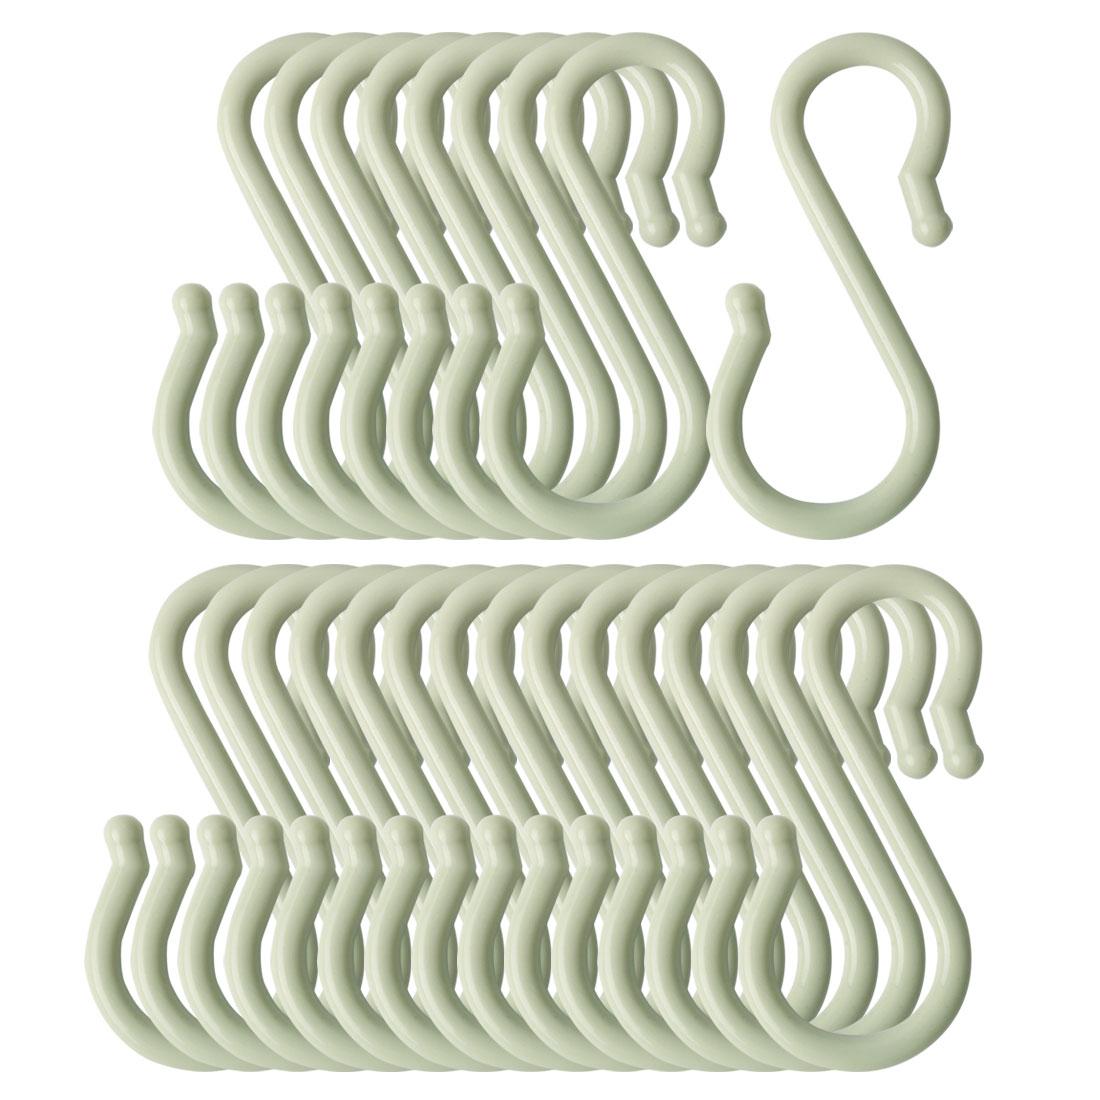 24 Pack S Shaped Hook Plastic for Kitchen Utensils Towel Hanger Light Green